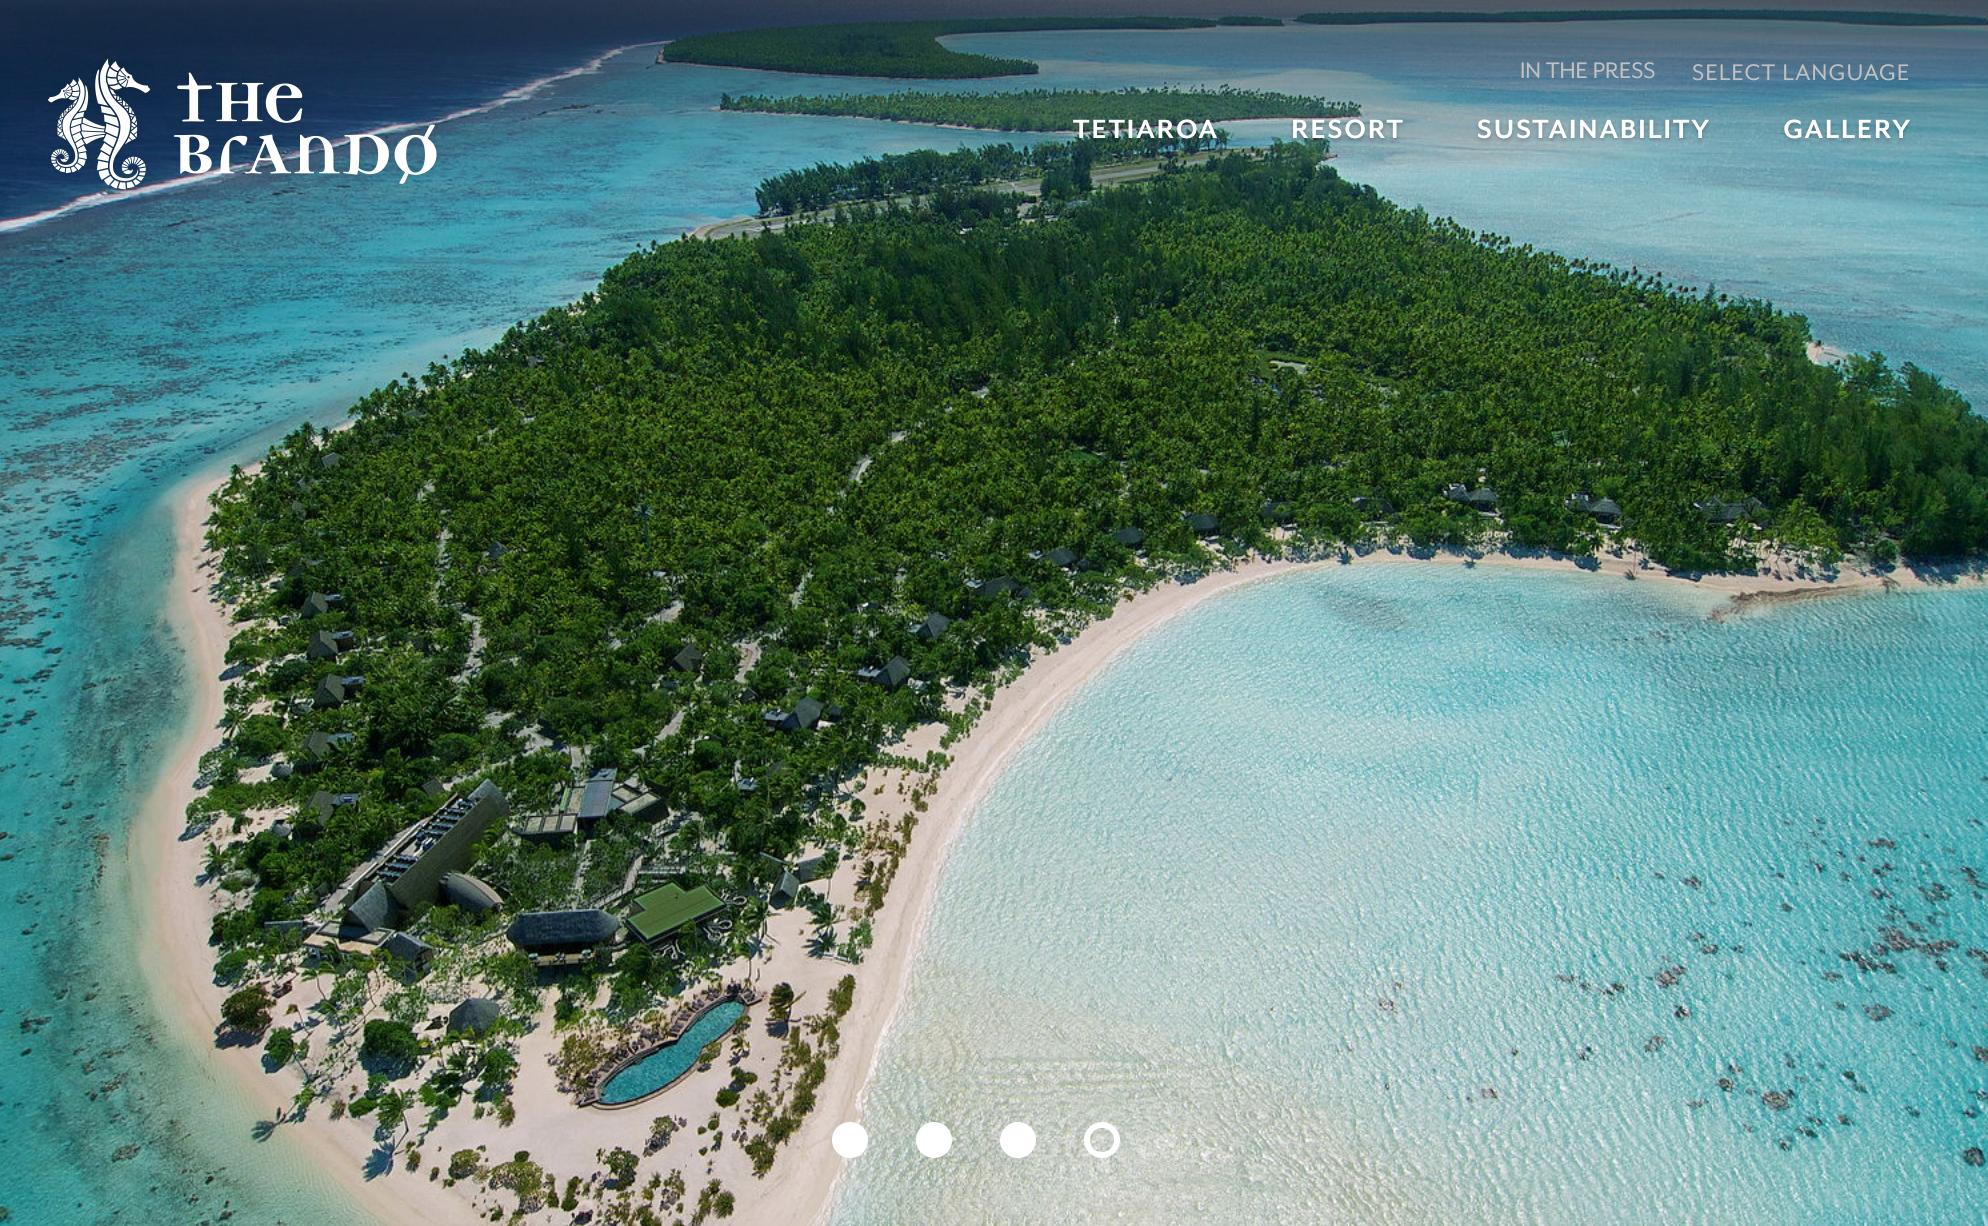 探秘马龙·白兰度的海岛度假村:如何让奢华旅行与环保同存?